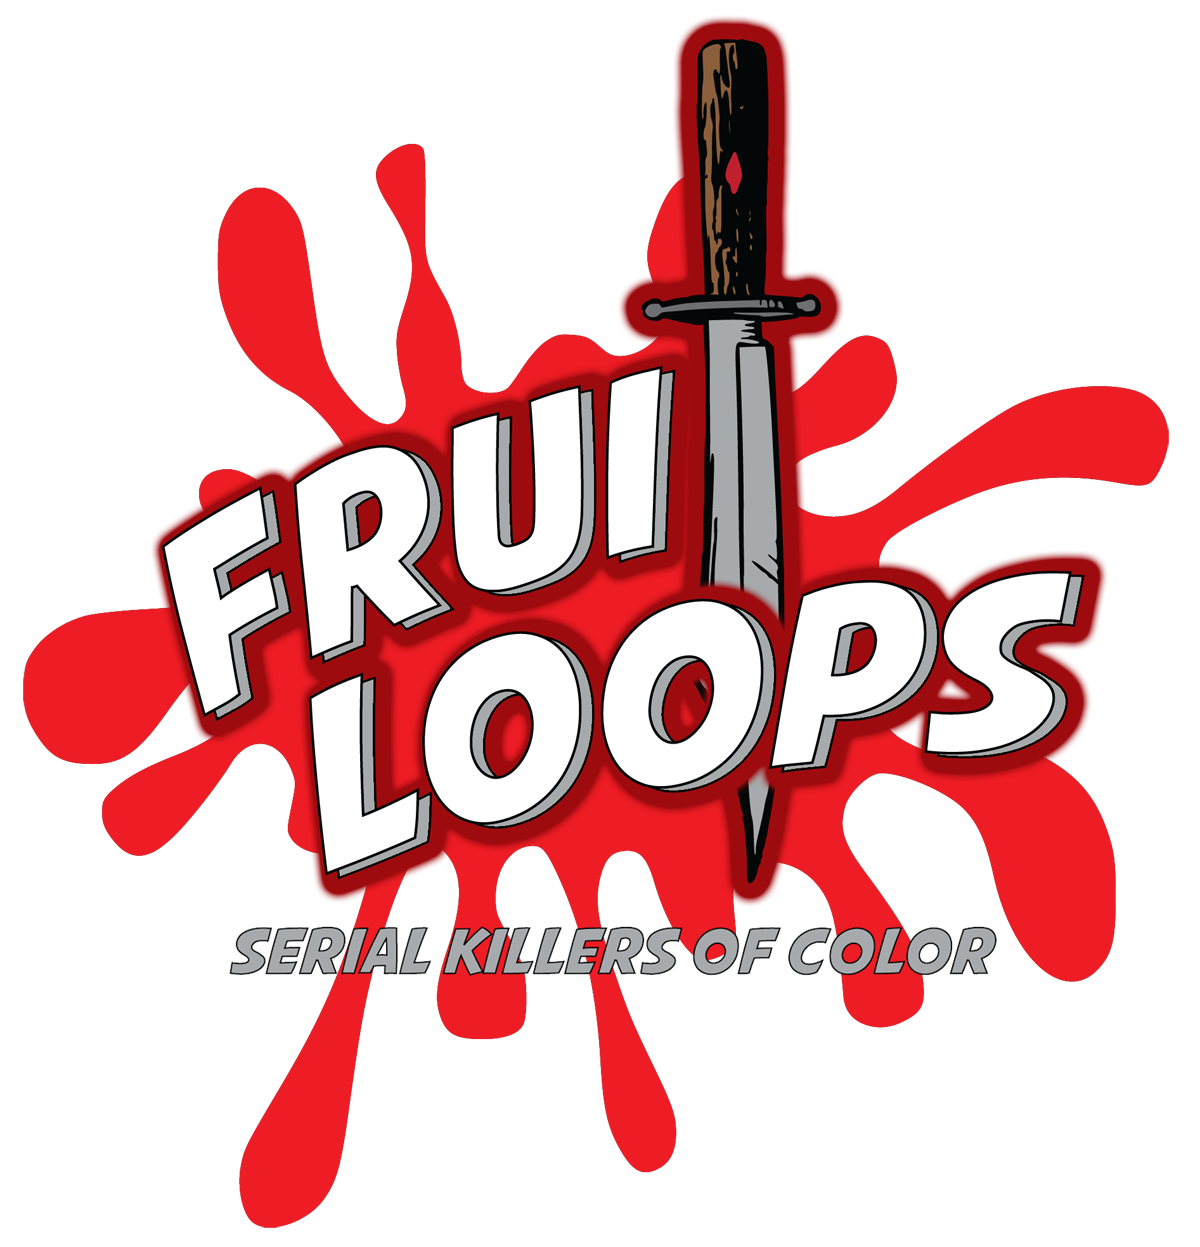 Fruitloops